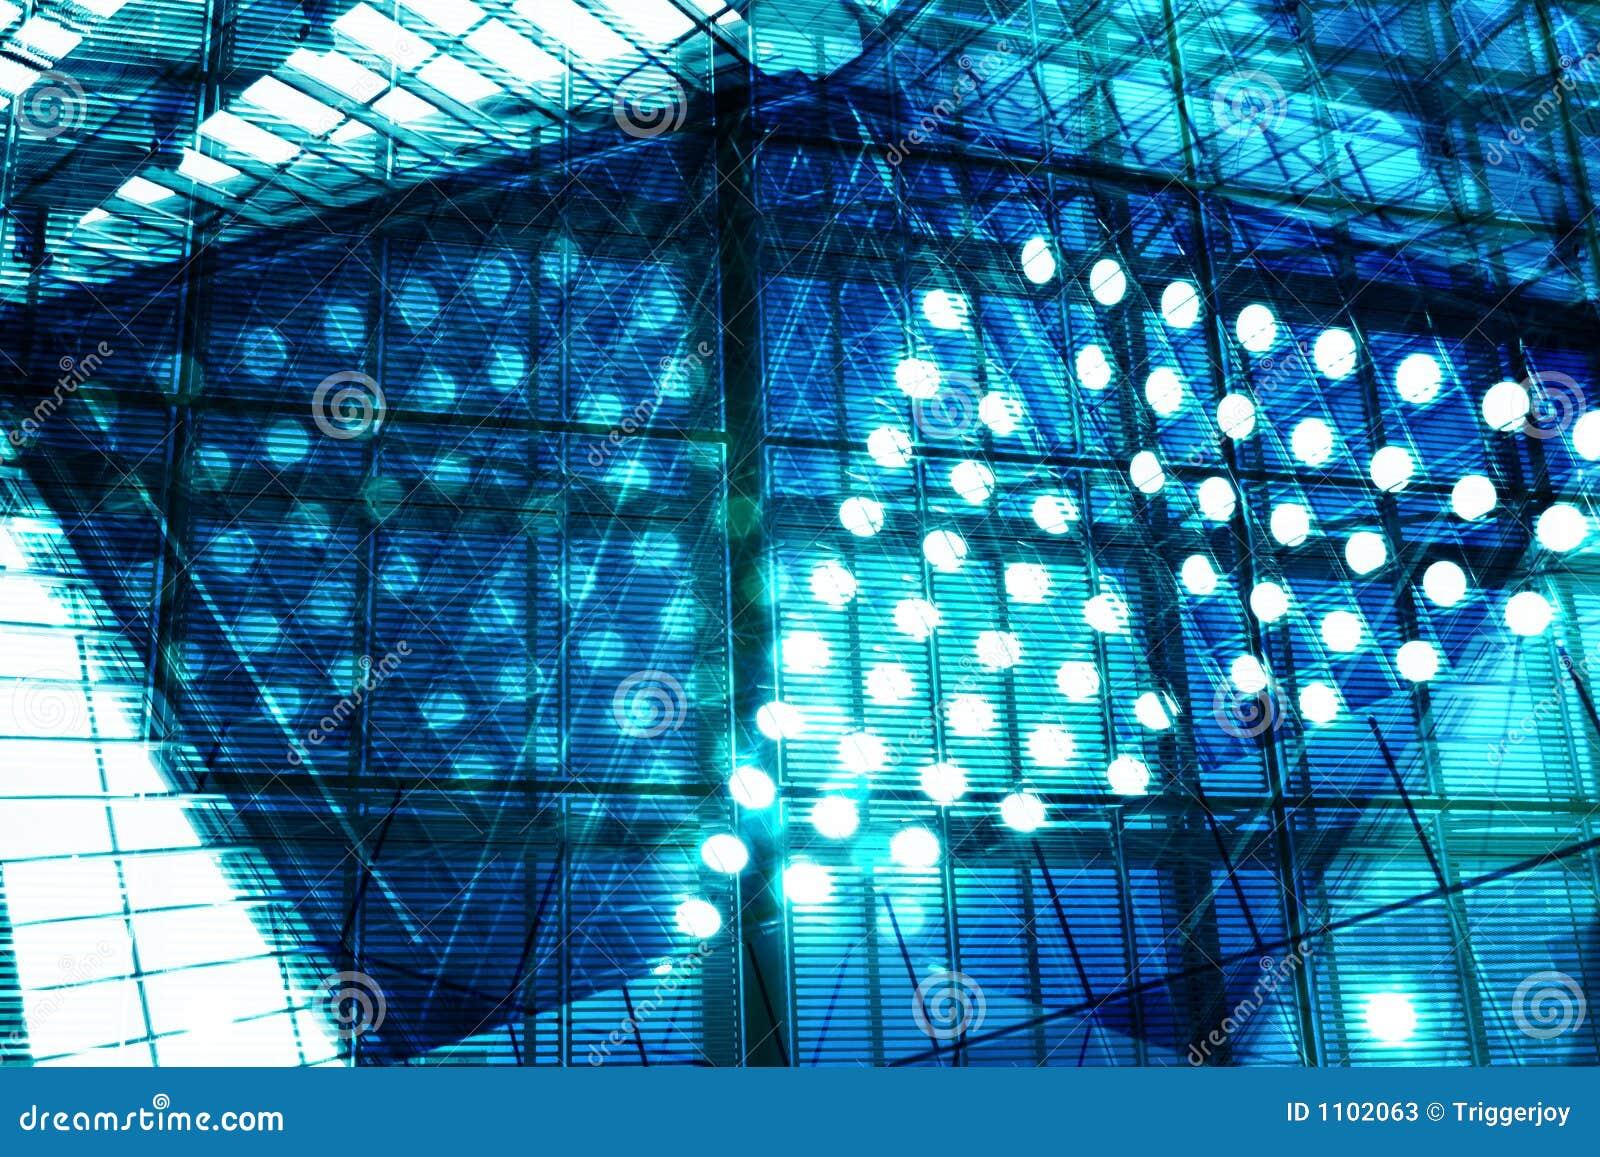 hi tech background stock image image of blue complex 1102063. Black Bedroom Furniture Sets. Home Design Ideas